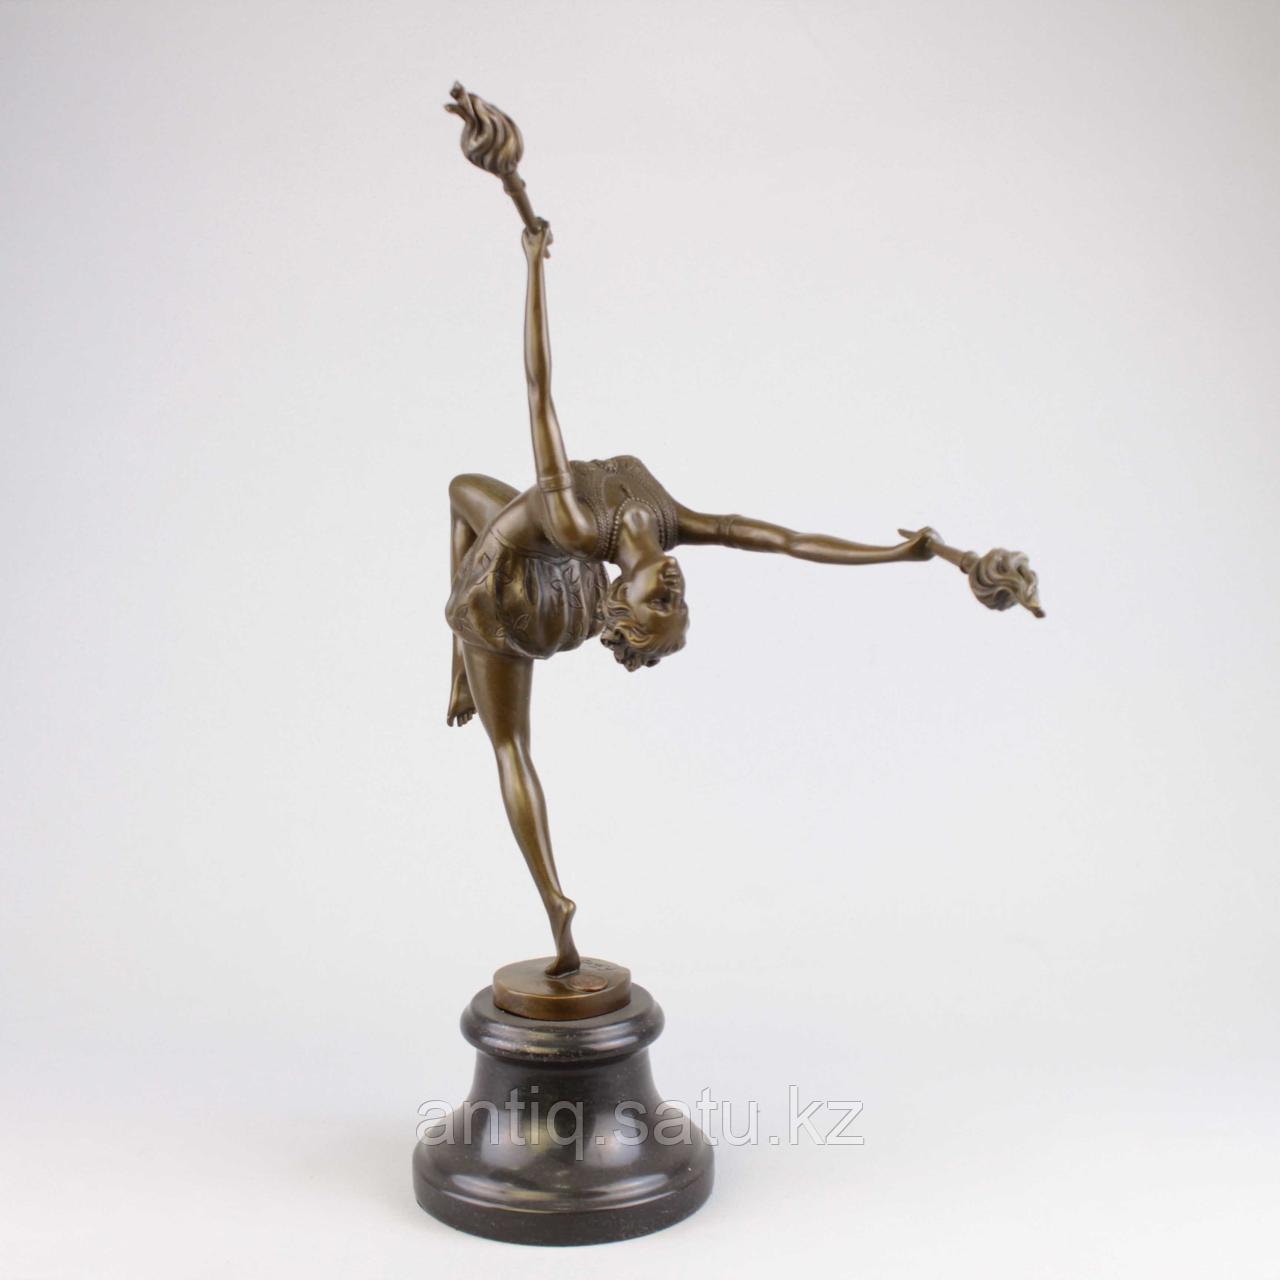 Танцовщица с факелами По модели всемирно известного французского скульптора Ferdinand Preiss (1882-1943) - фото 2